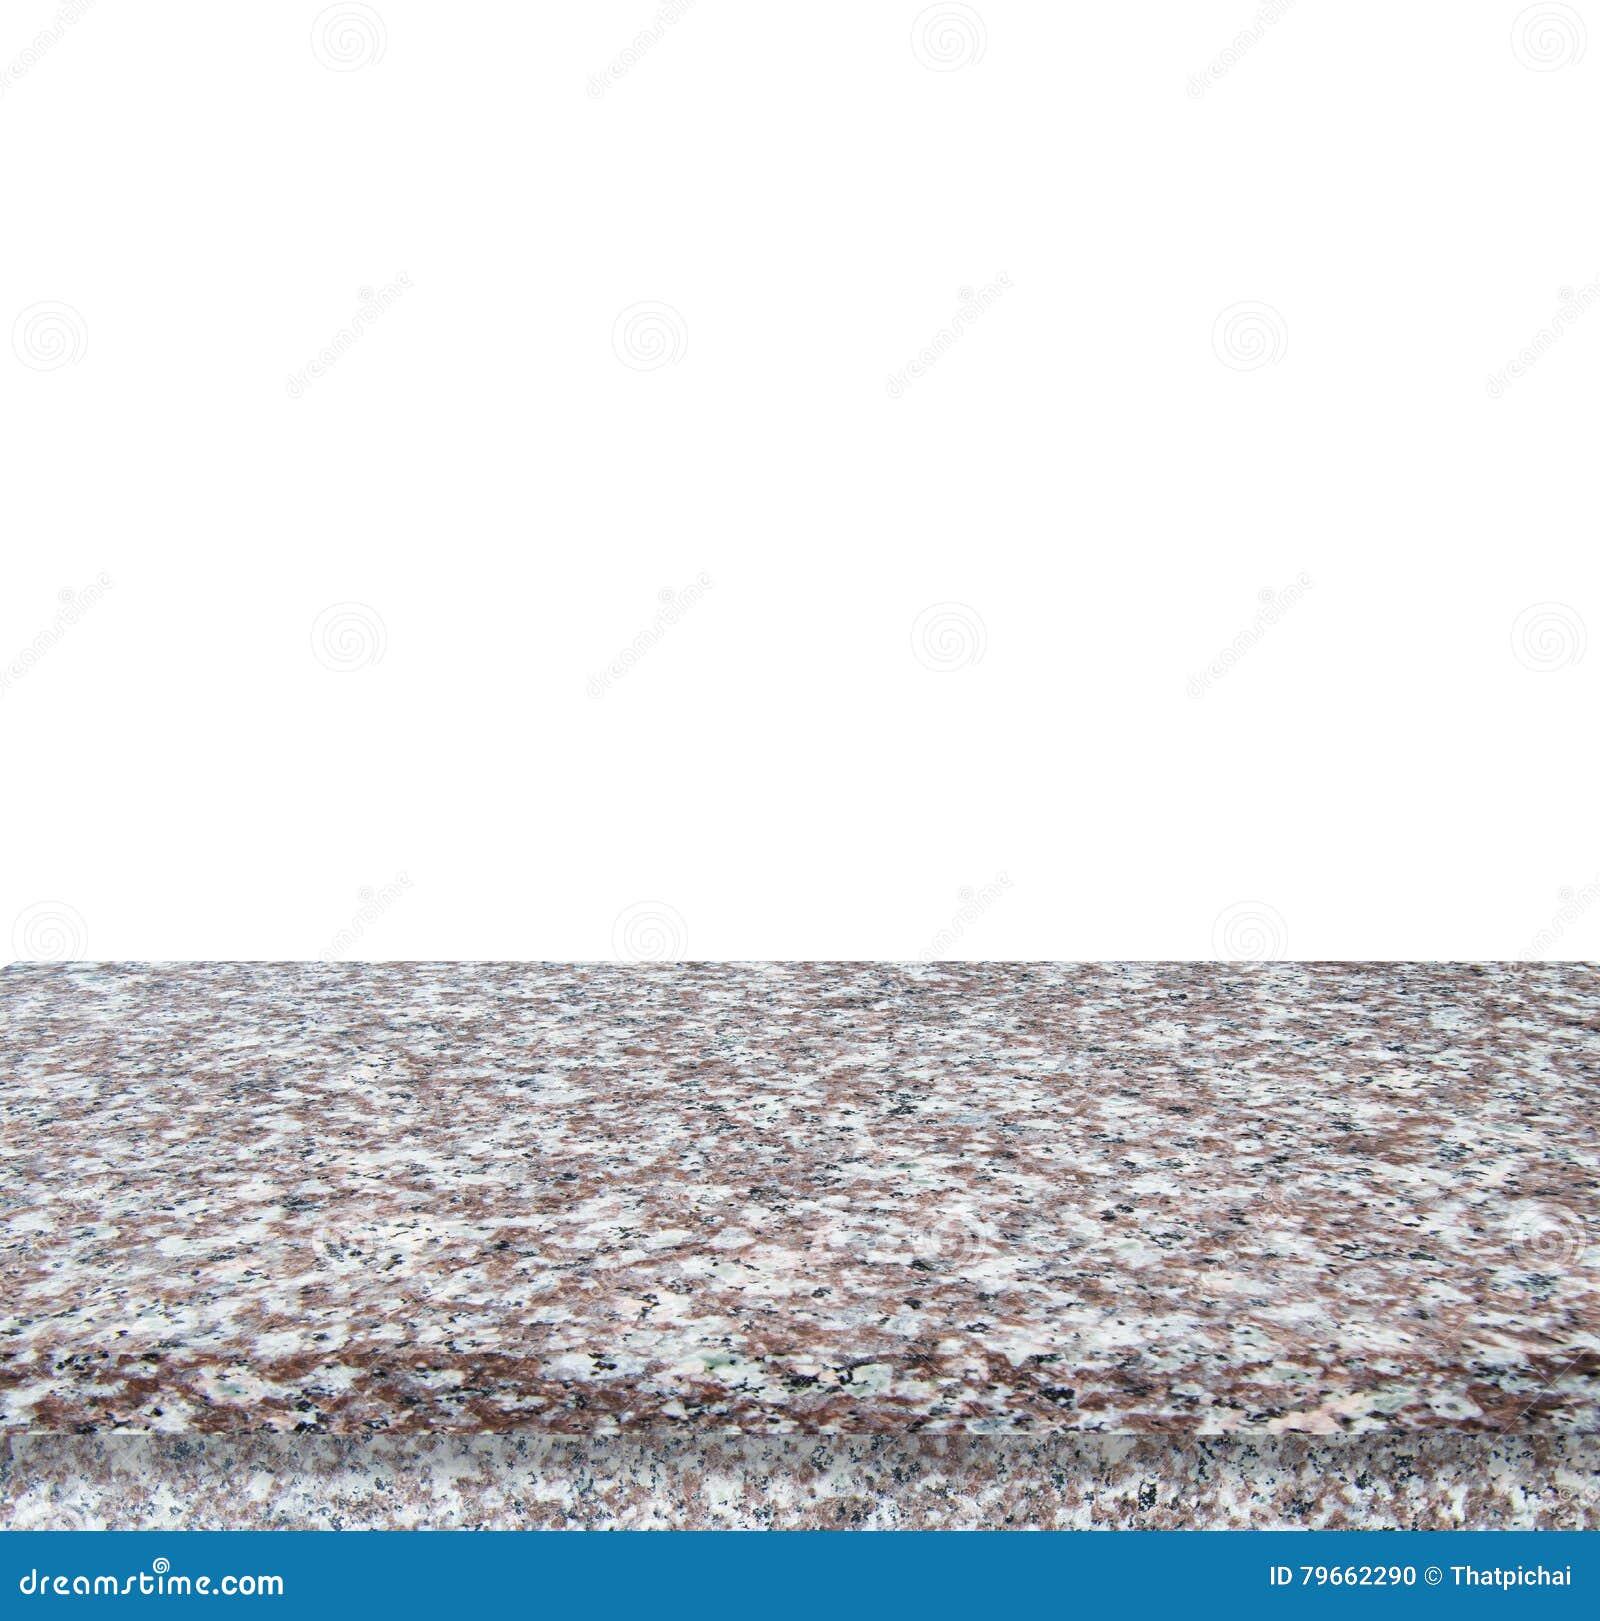 Bästa för marmorstentabell som isoleras på vit bakgrund - kan användas för skärm